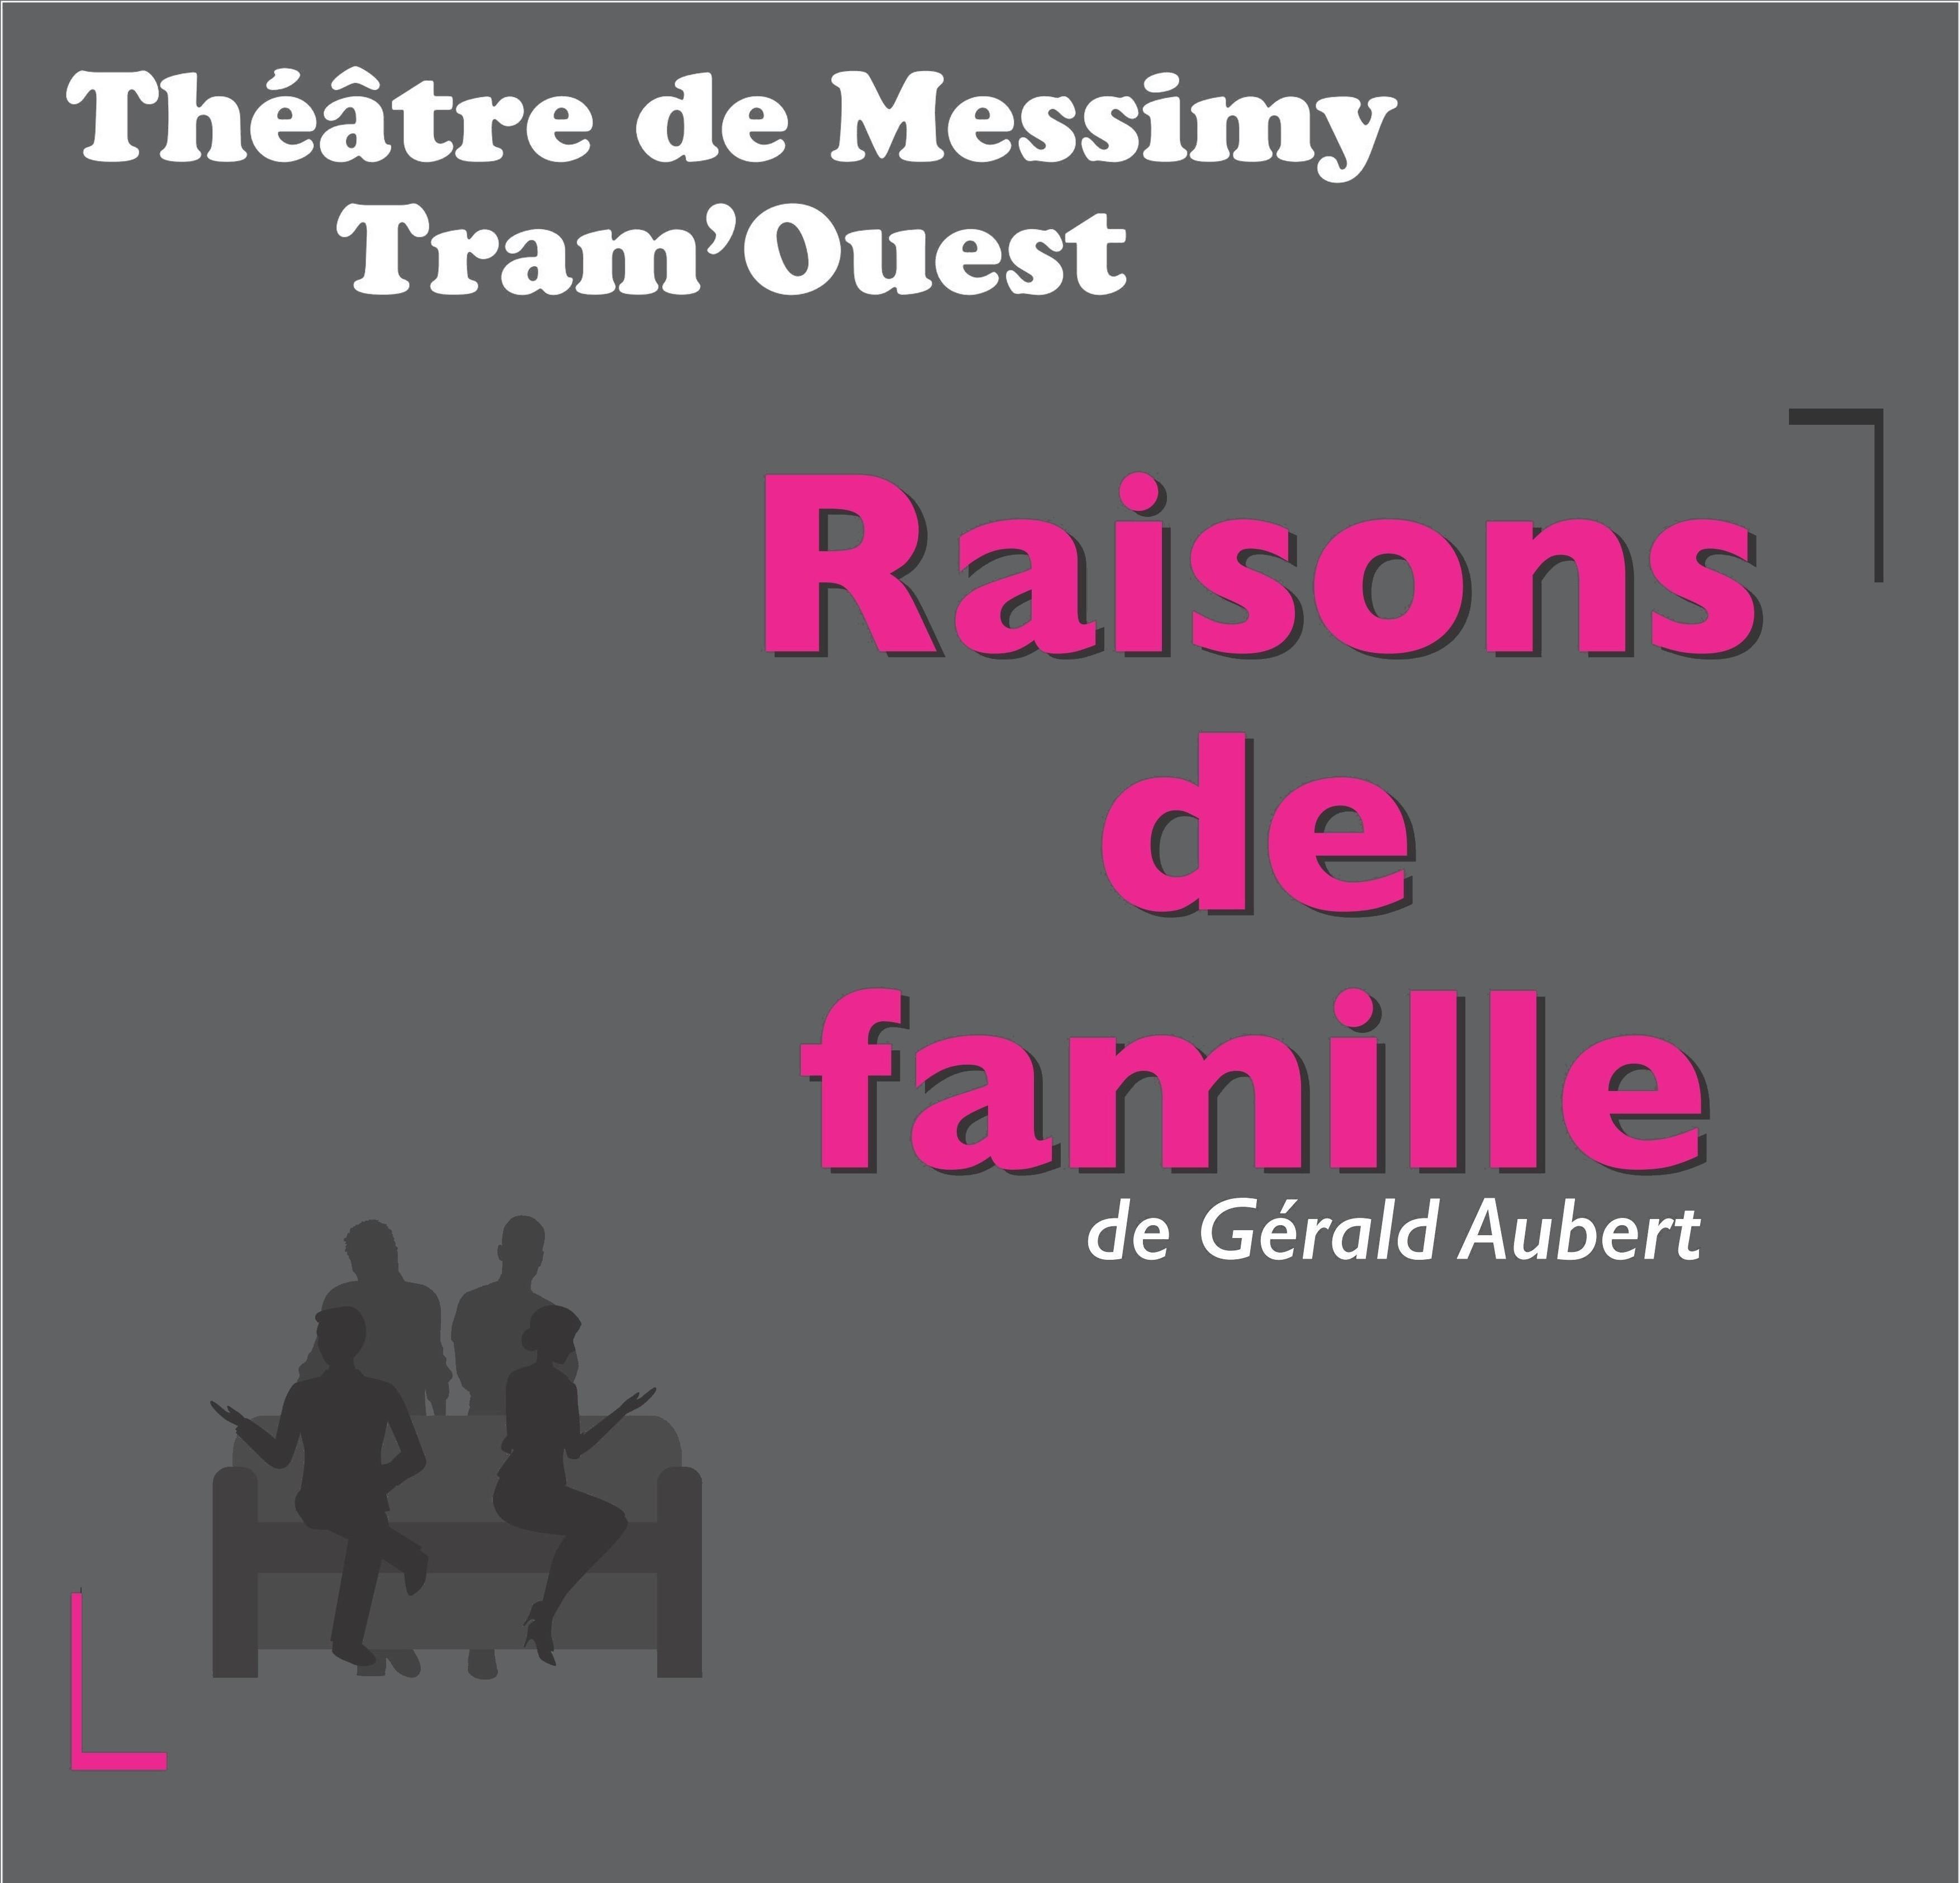 RAISONS de FAMILLE TRAM'OUEST- 1 H 45